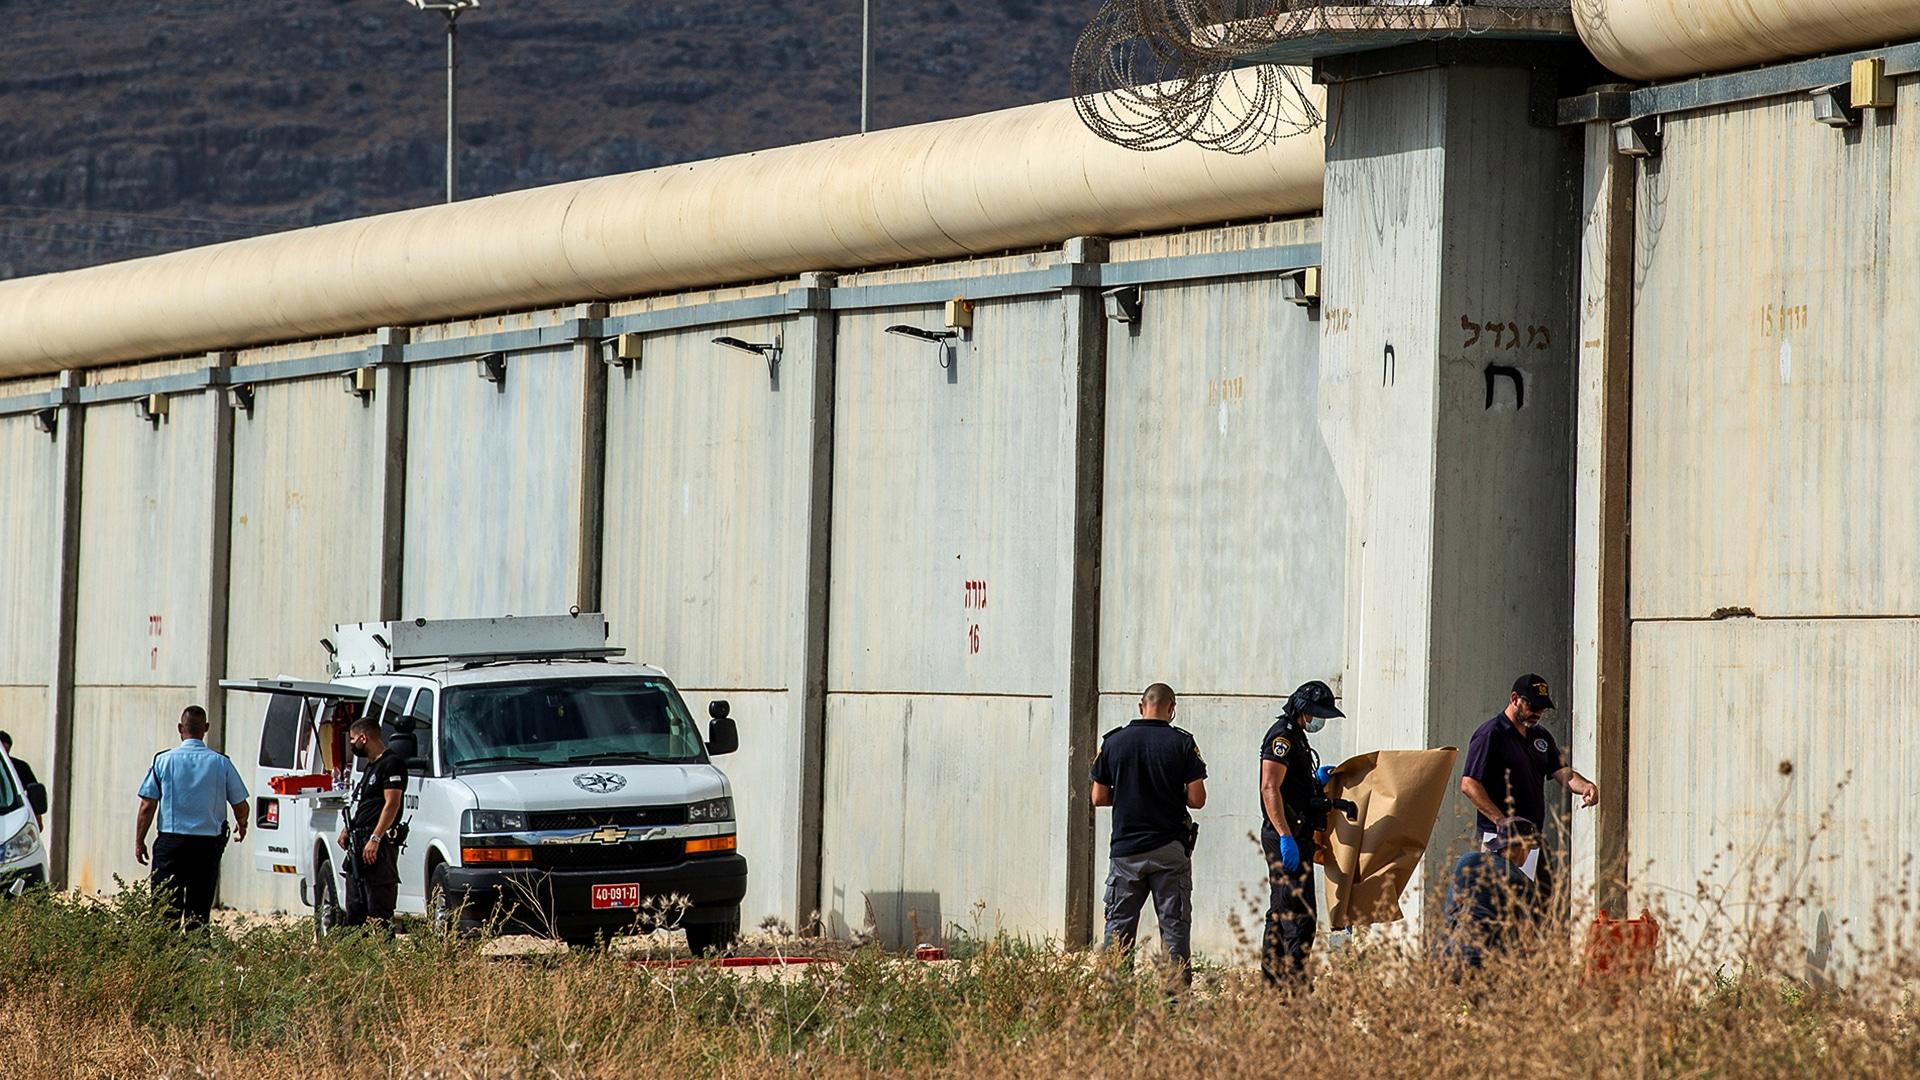 """""""نفق الحرية"""".. كيف حفر الأبطال الـ6 النفق في سجن جلبوع ولا يوجد حتى ملعقة حديدية واحدة للسجناء؟"""